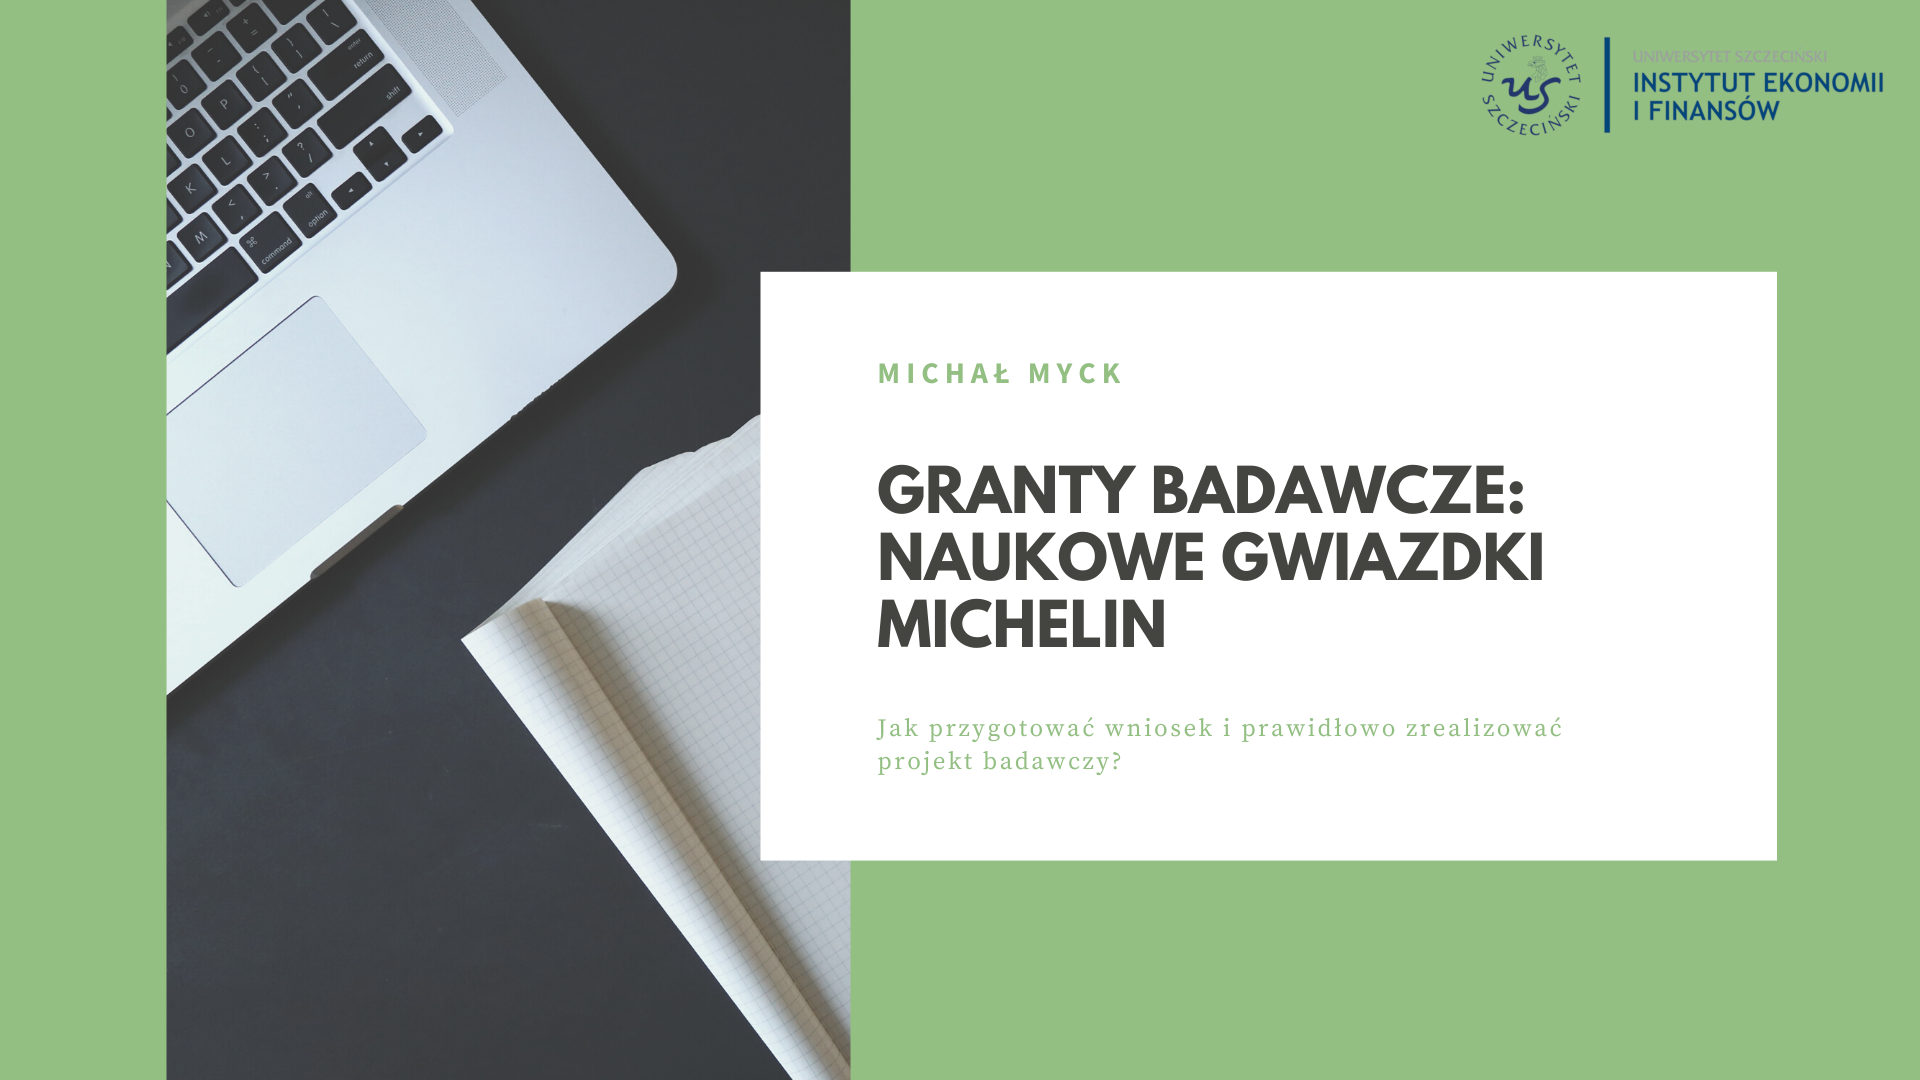 Kolejne szkolenie wewnętrzne w Instytucie – prof. Michał Myck o naukowych gwiazdkach Michelin